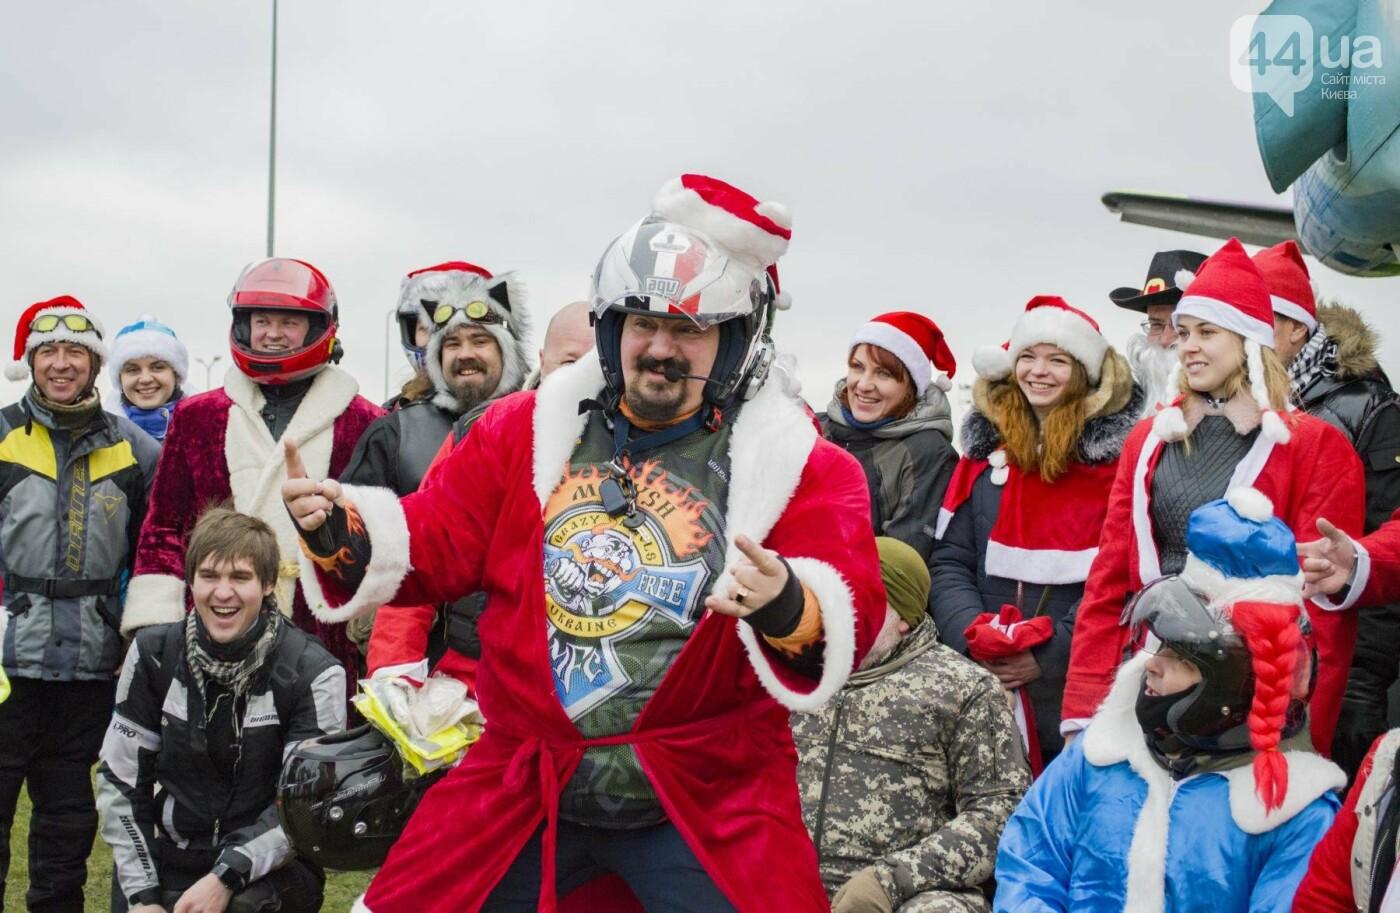 В Киеве брутальные байкеры в костюмах Санта-Клаусов устроили масштабный мотопробег (ФОТО), фото-18